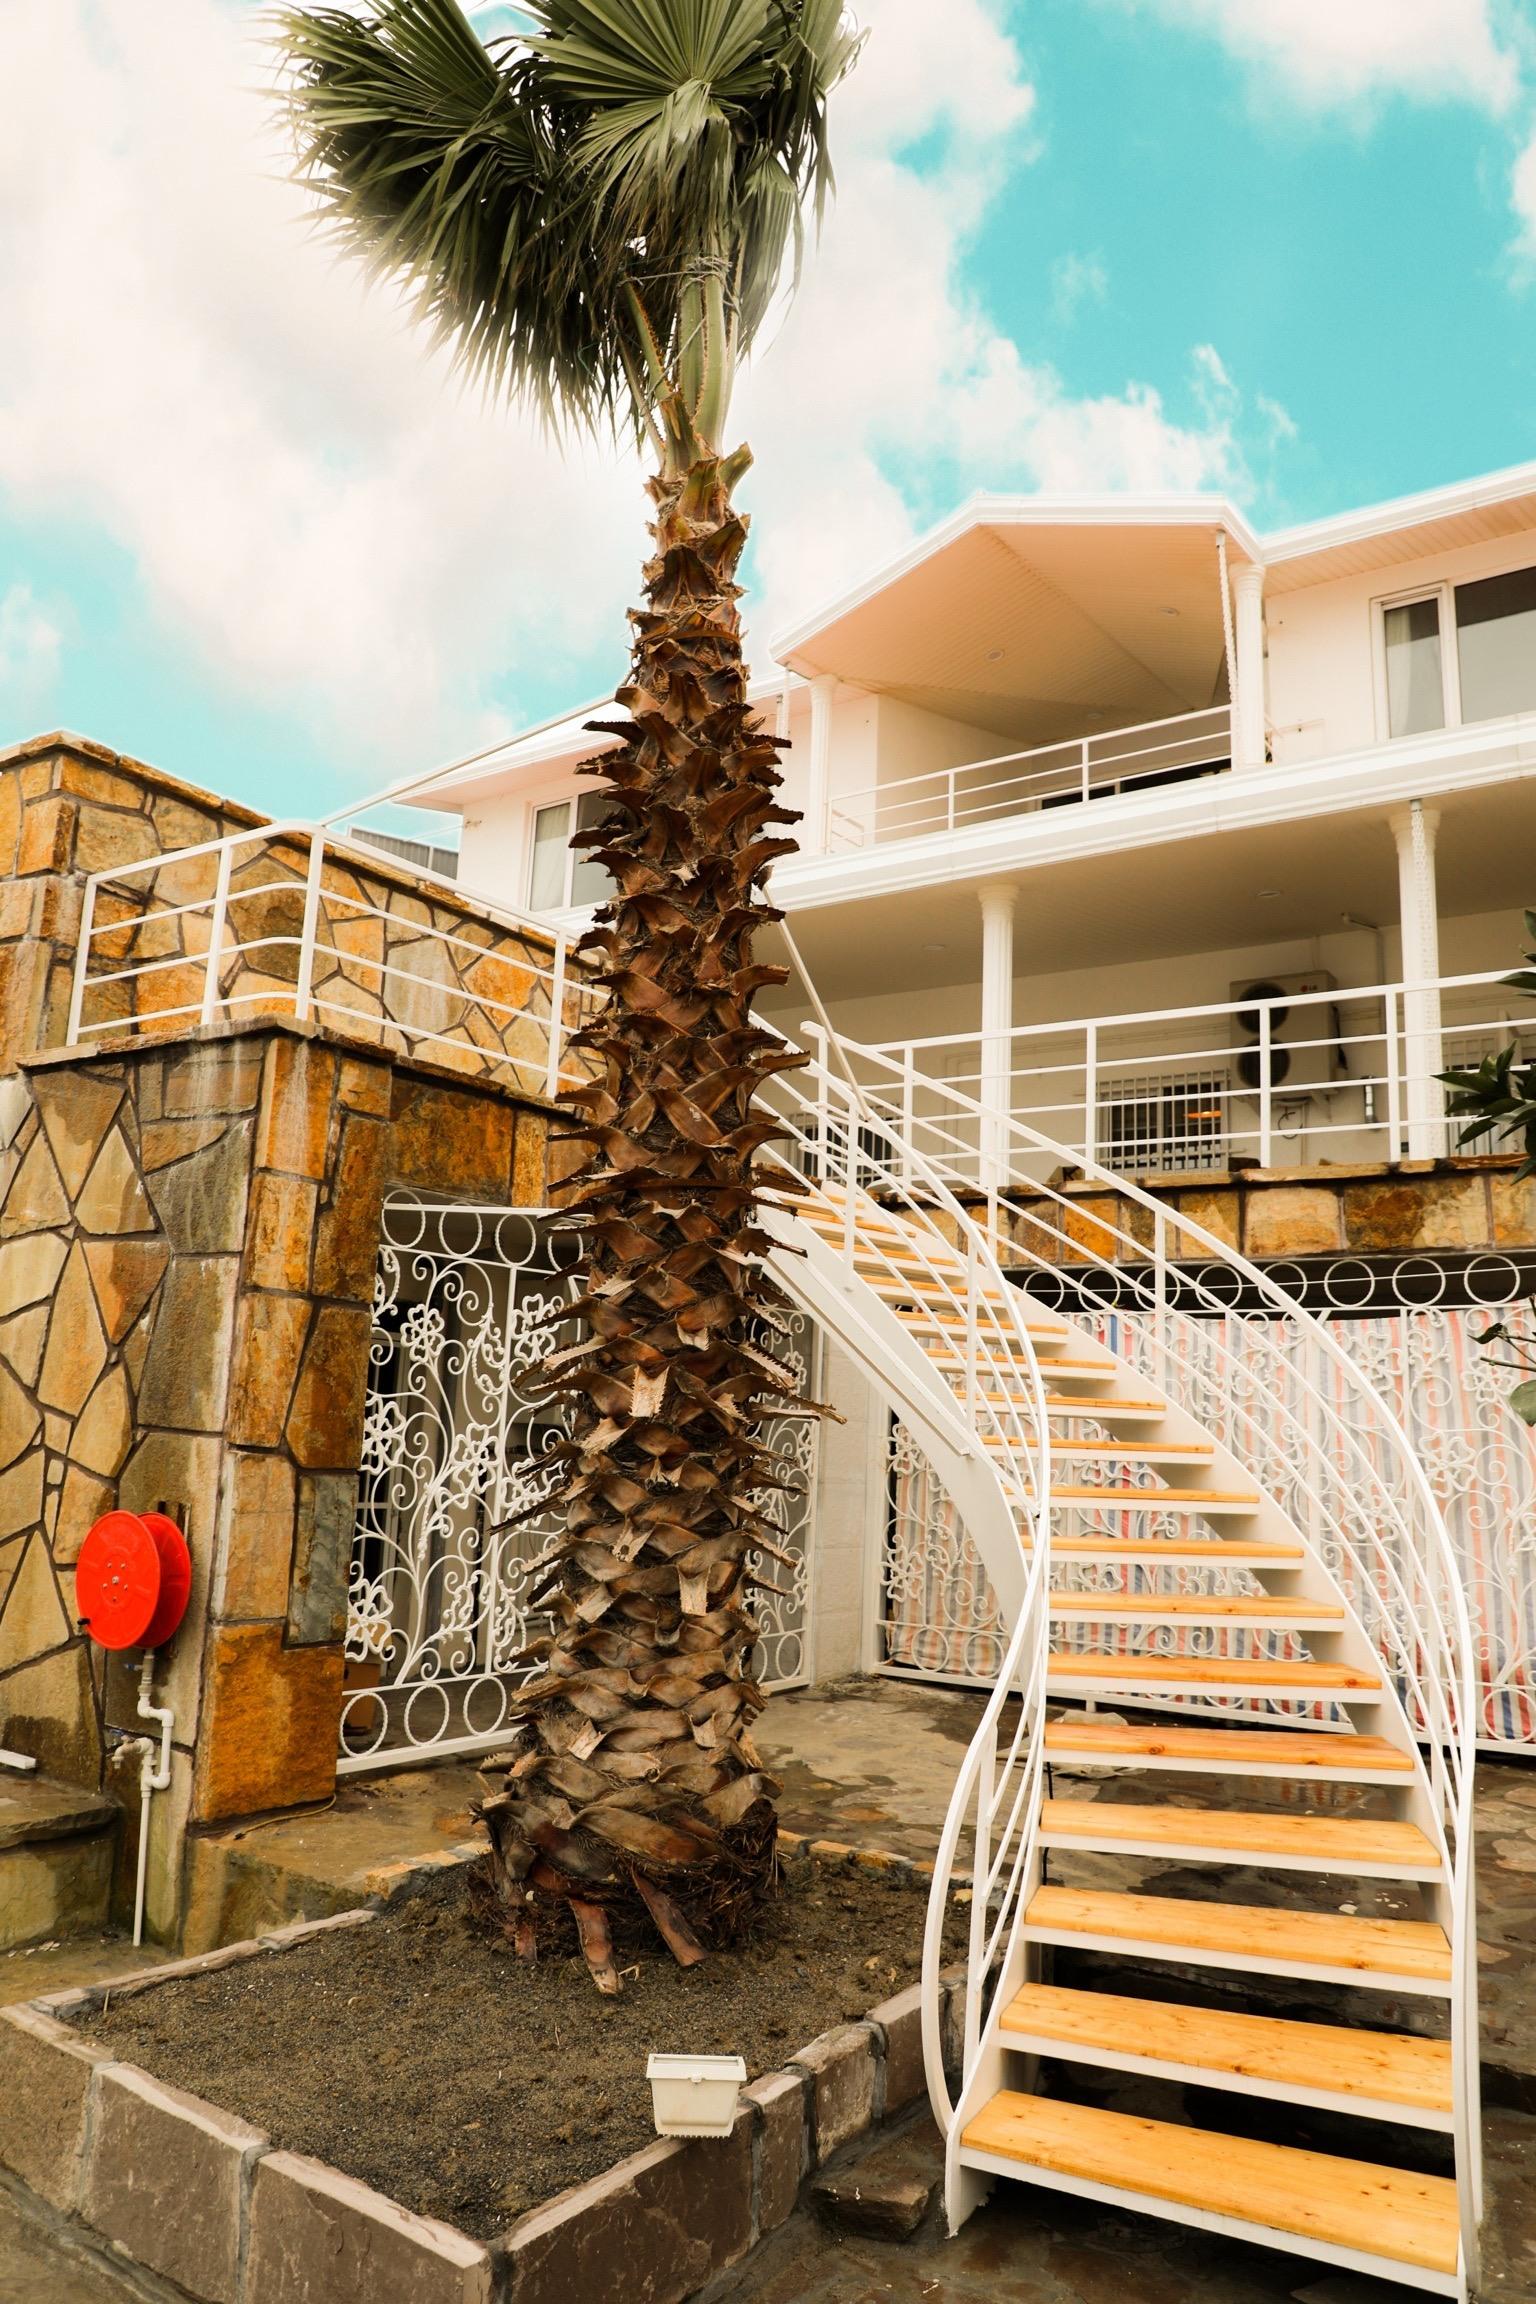 ساحلی ویلا استخردار آبگرم ساحلی رامسر - هریس